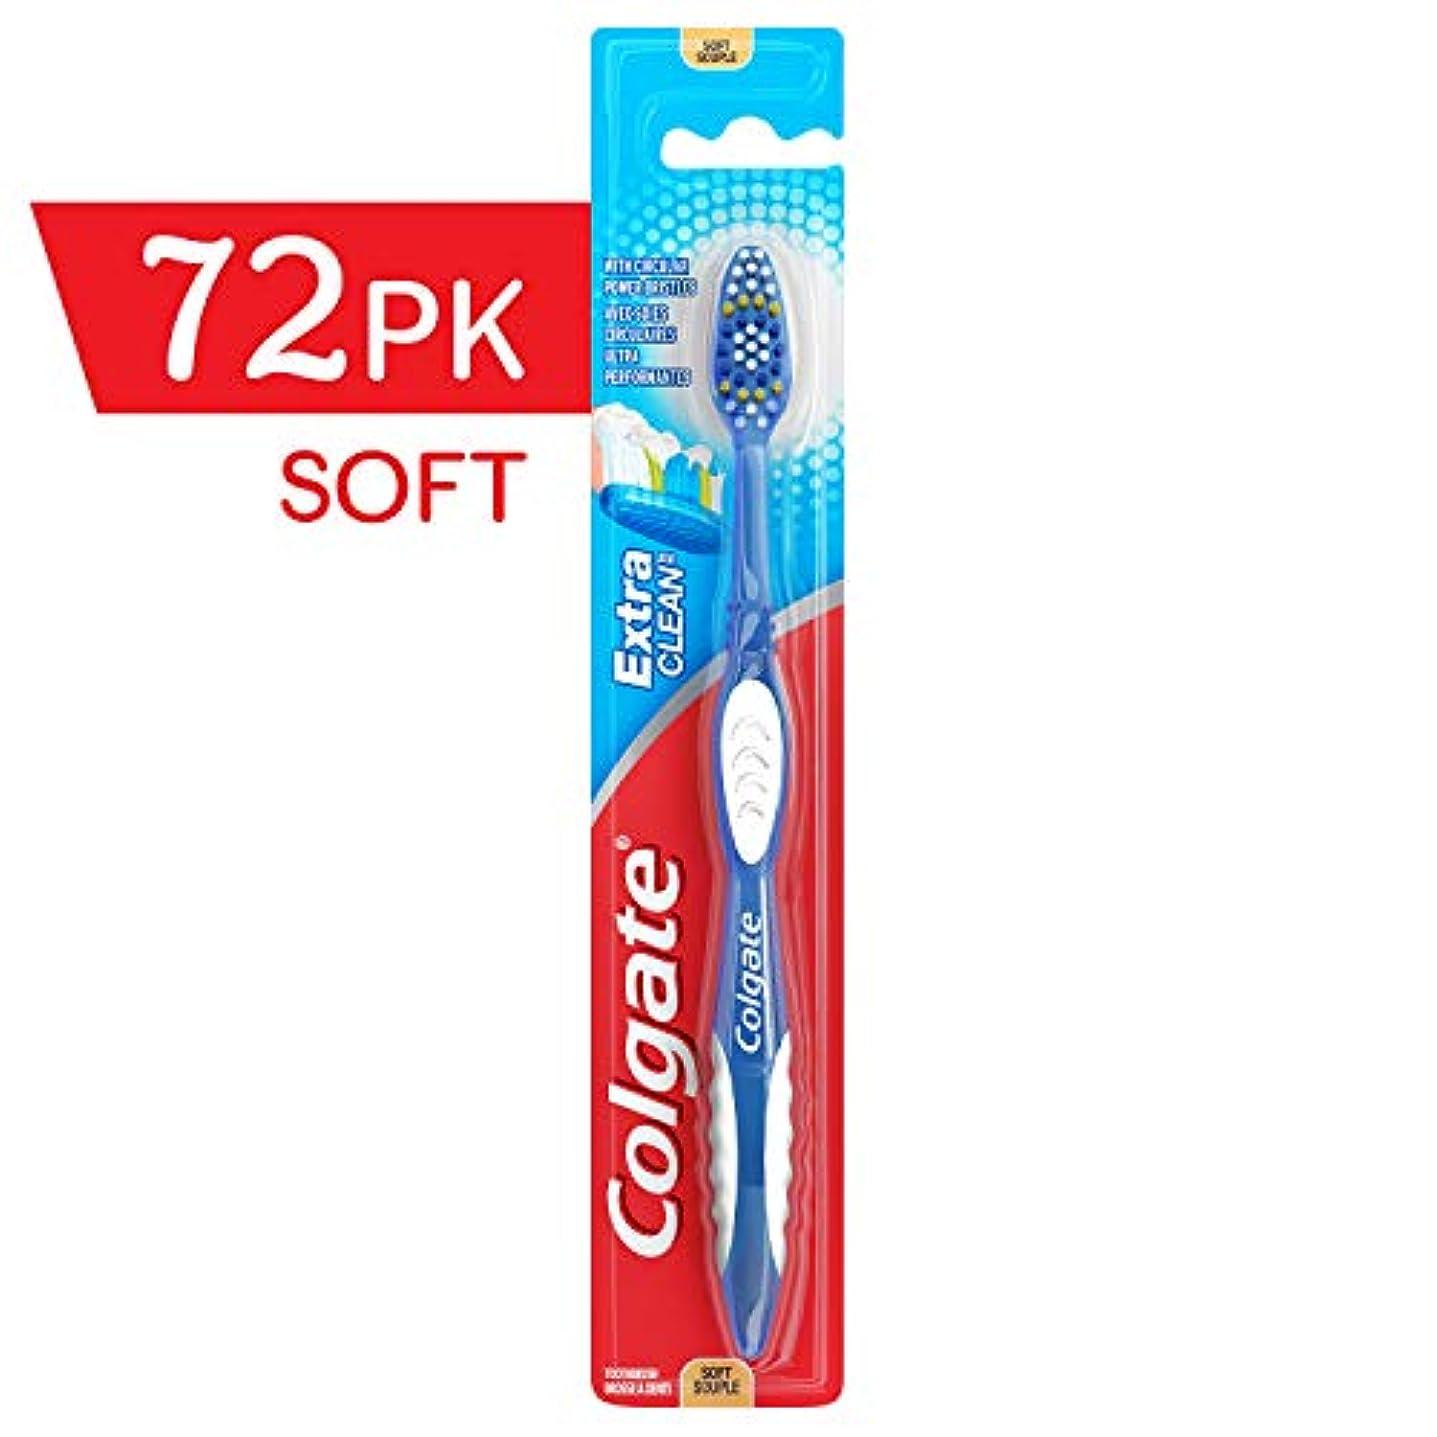 免疫苦しめる逃すColgate エクストラクリーン歯ブラシソフト、柔らかい歯ブラシ、バルク歯ブラシ、旅行歯ブラシ、(72の場合)(モデル番号:155676)